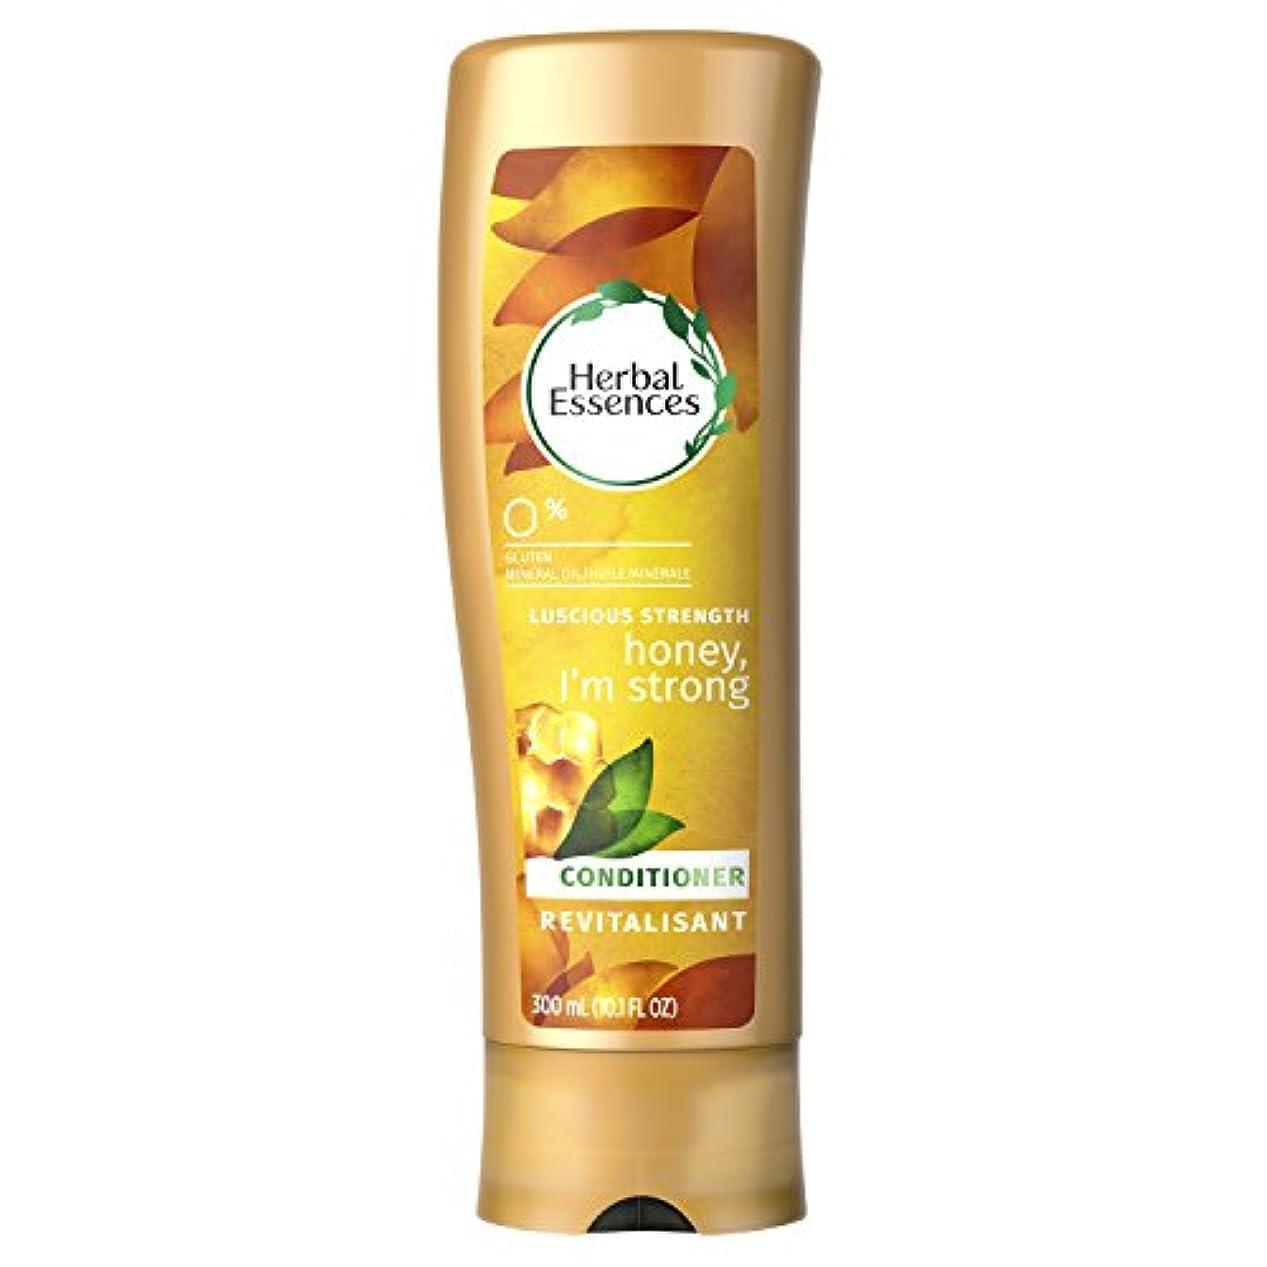 カートン旋回嫌いHerbal Essences Honey I'm Strong Strengthening Conditioner, 10.1 Fluid Ounce by Procter & Gamble - HABA Hub [並行輸入品]